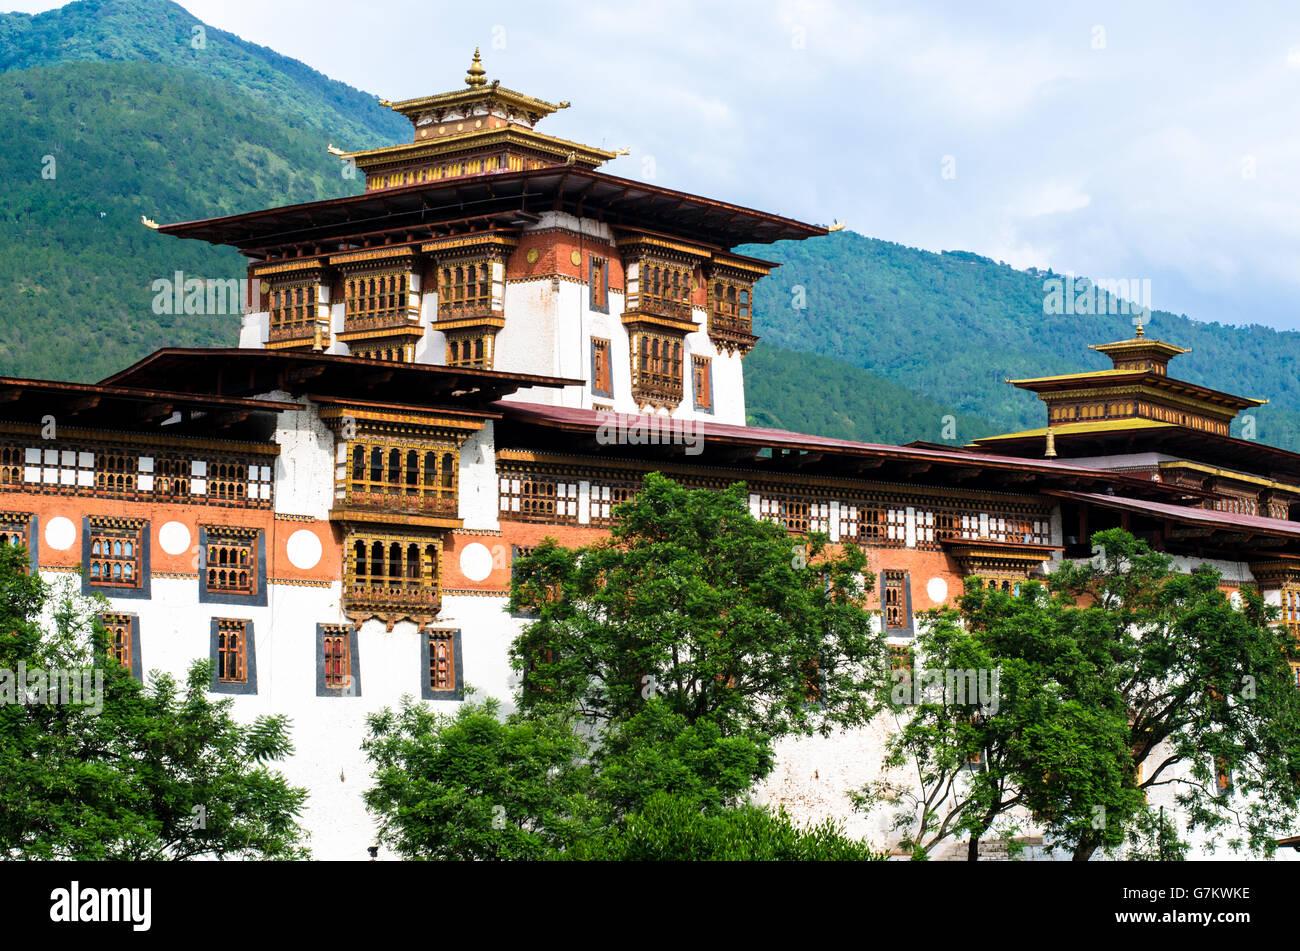 Beautiful Architecture of Punakha Dzong - Stock Image